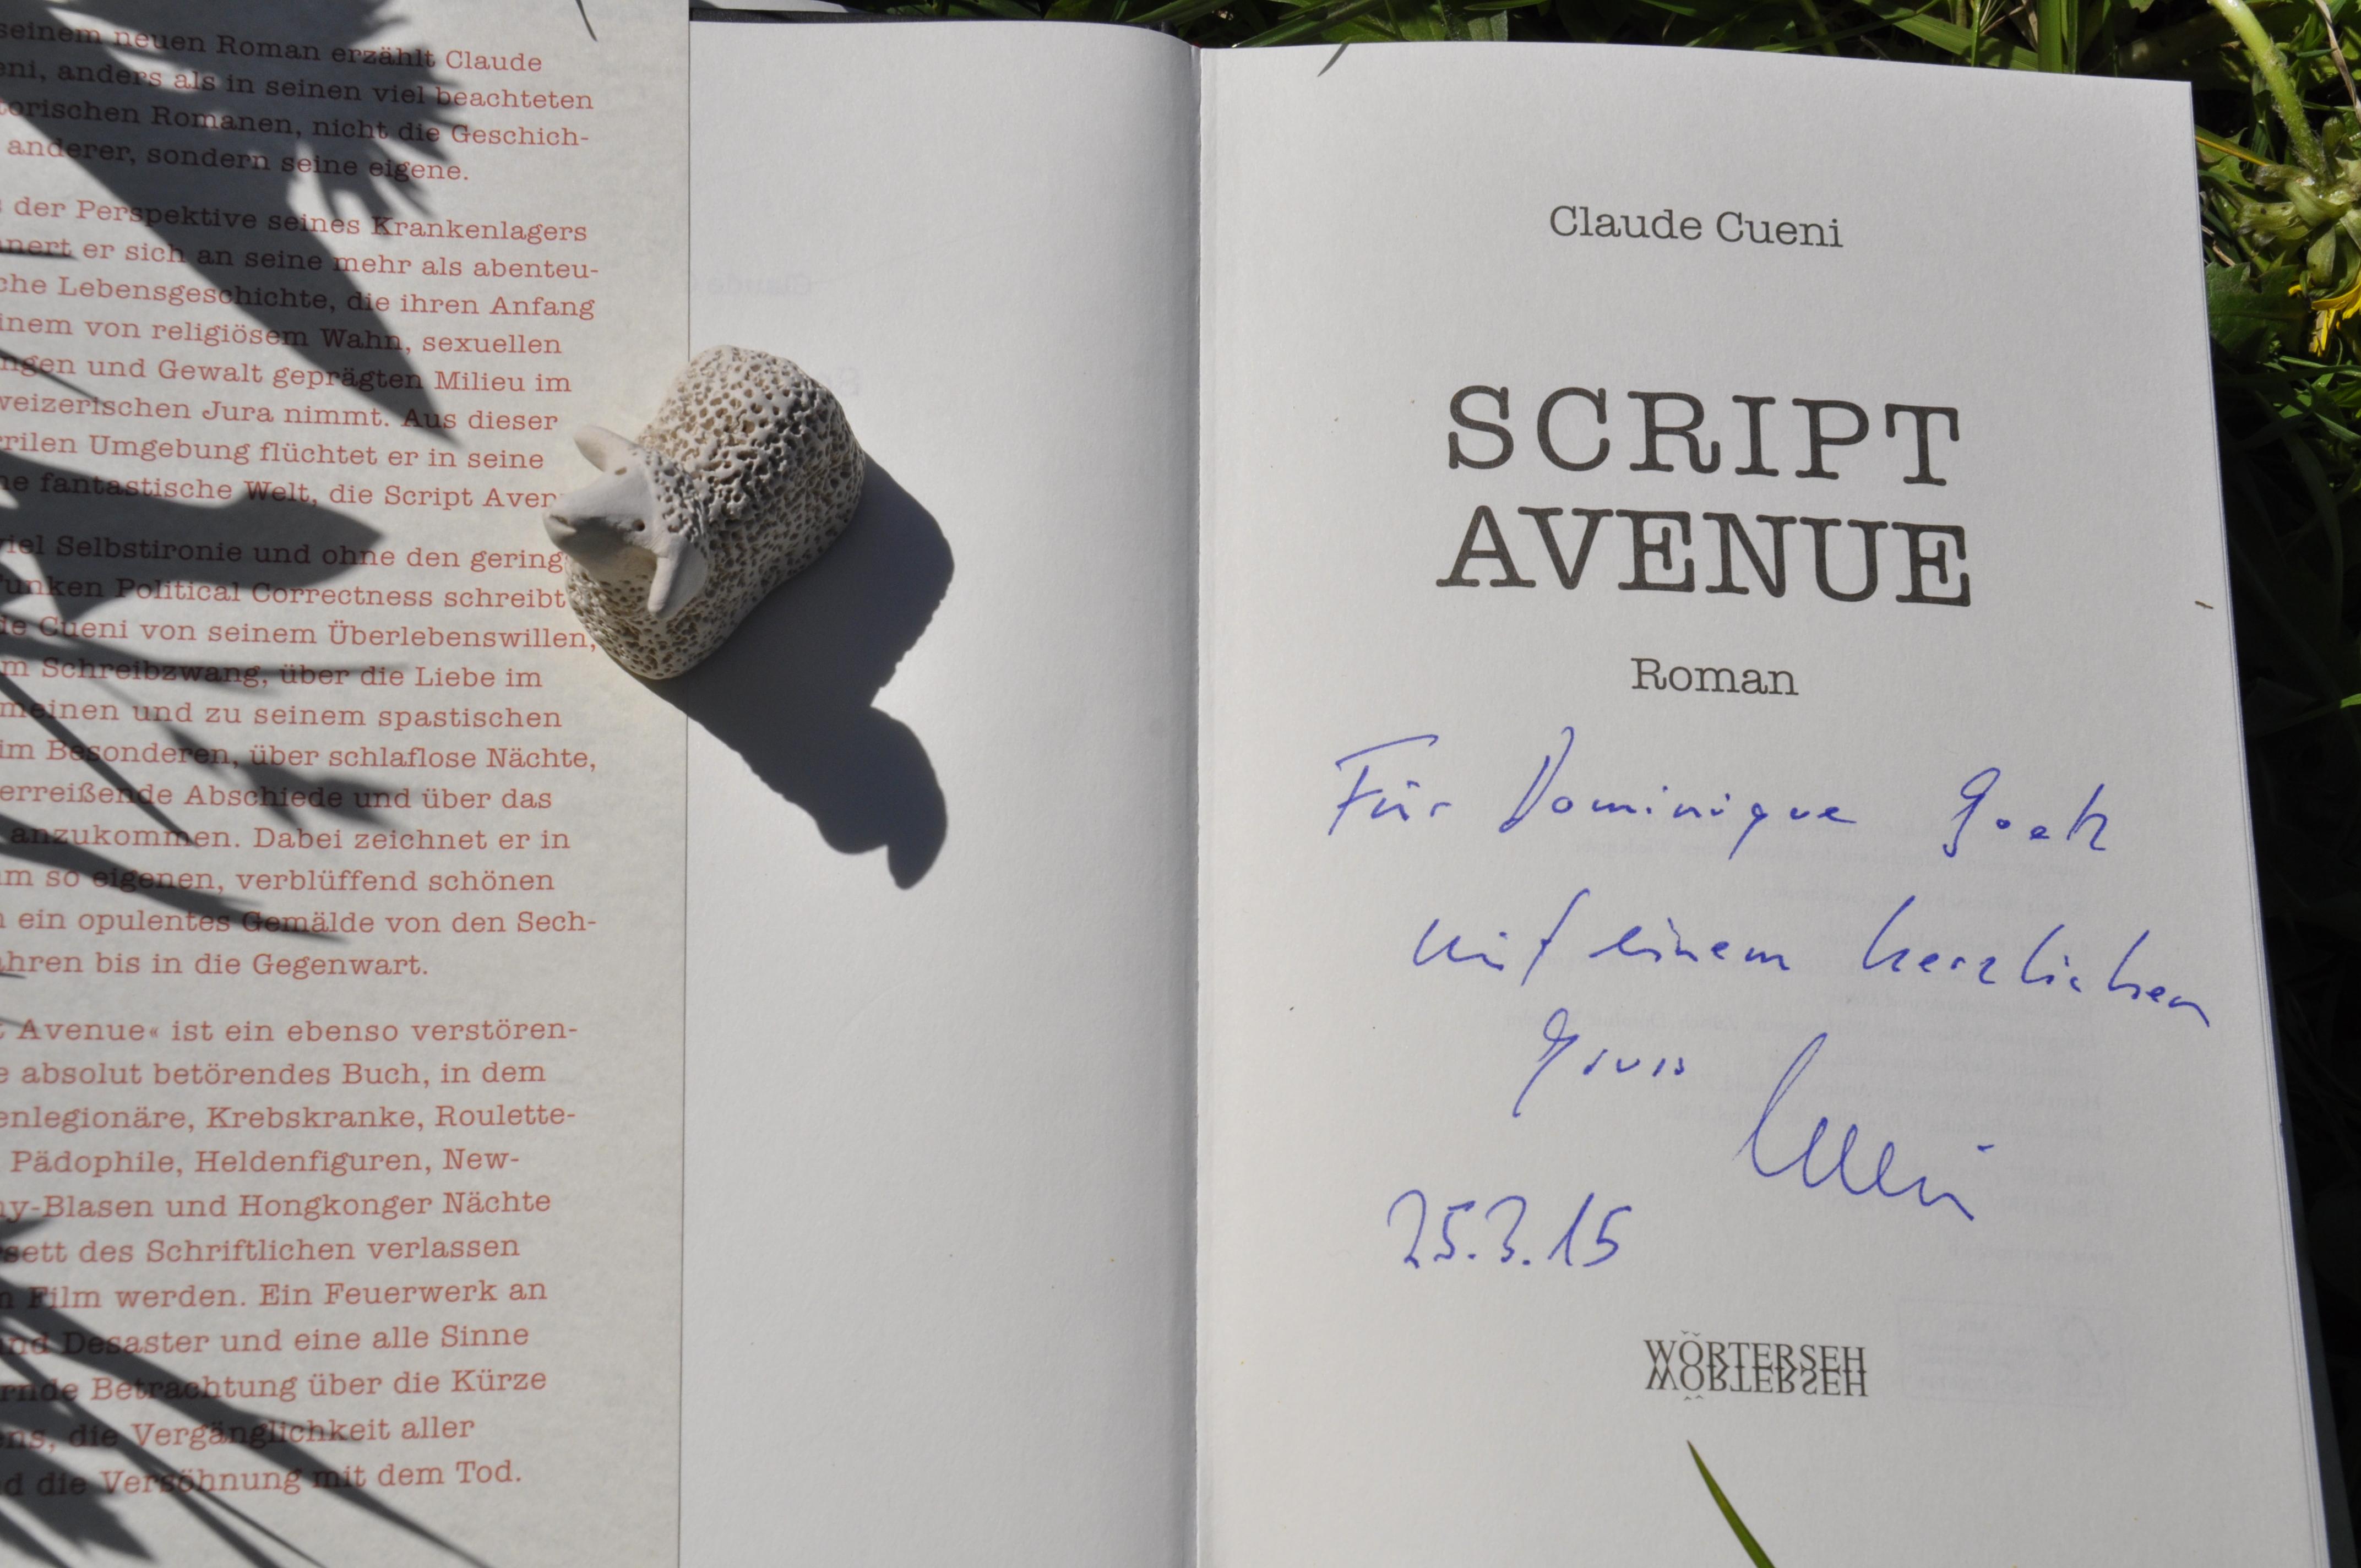 Das signierte Buch von Claude Cueni ist für die Freitagsbloggers eine grosse Ehre.